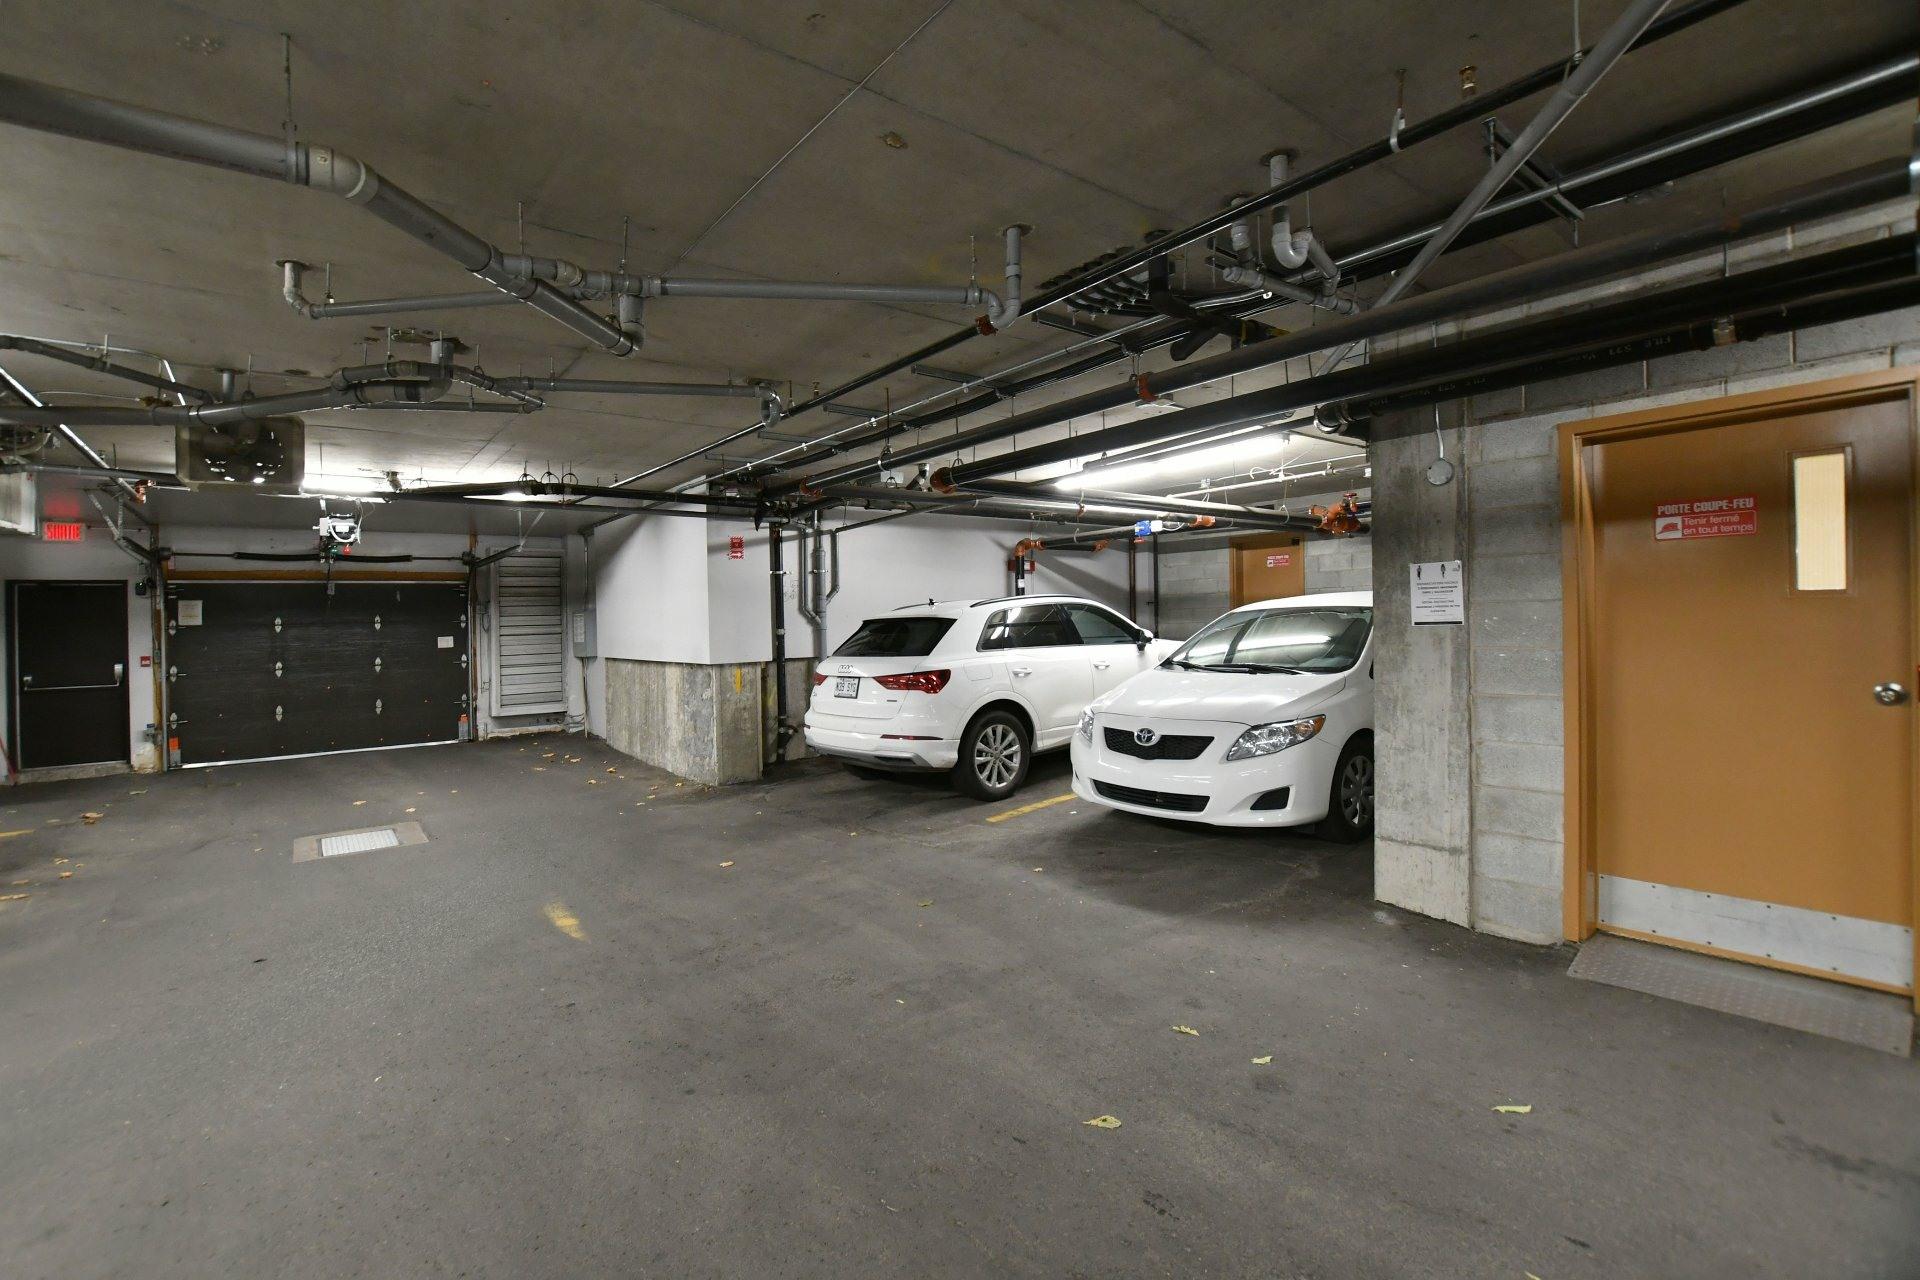 image 20 - Apartment For sale Saint-Laurent Montréal  - 5 rooms